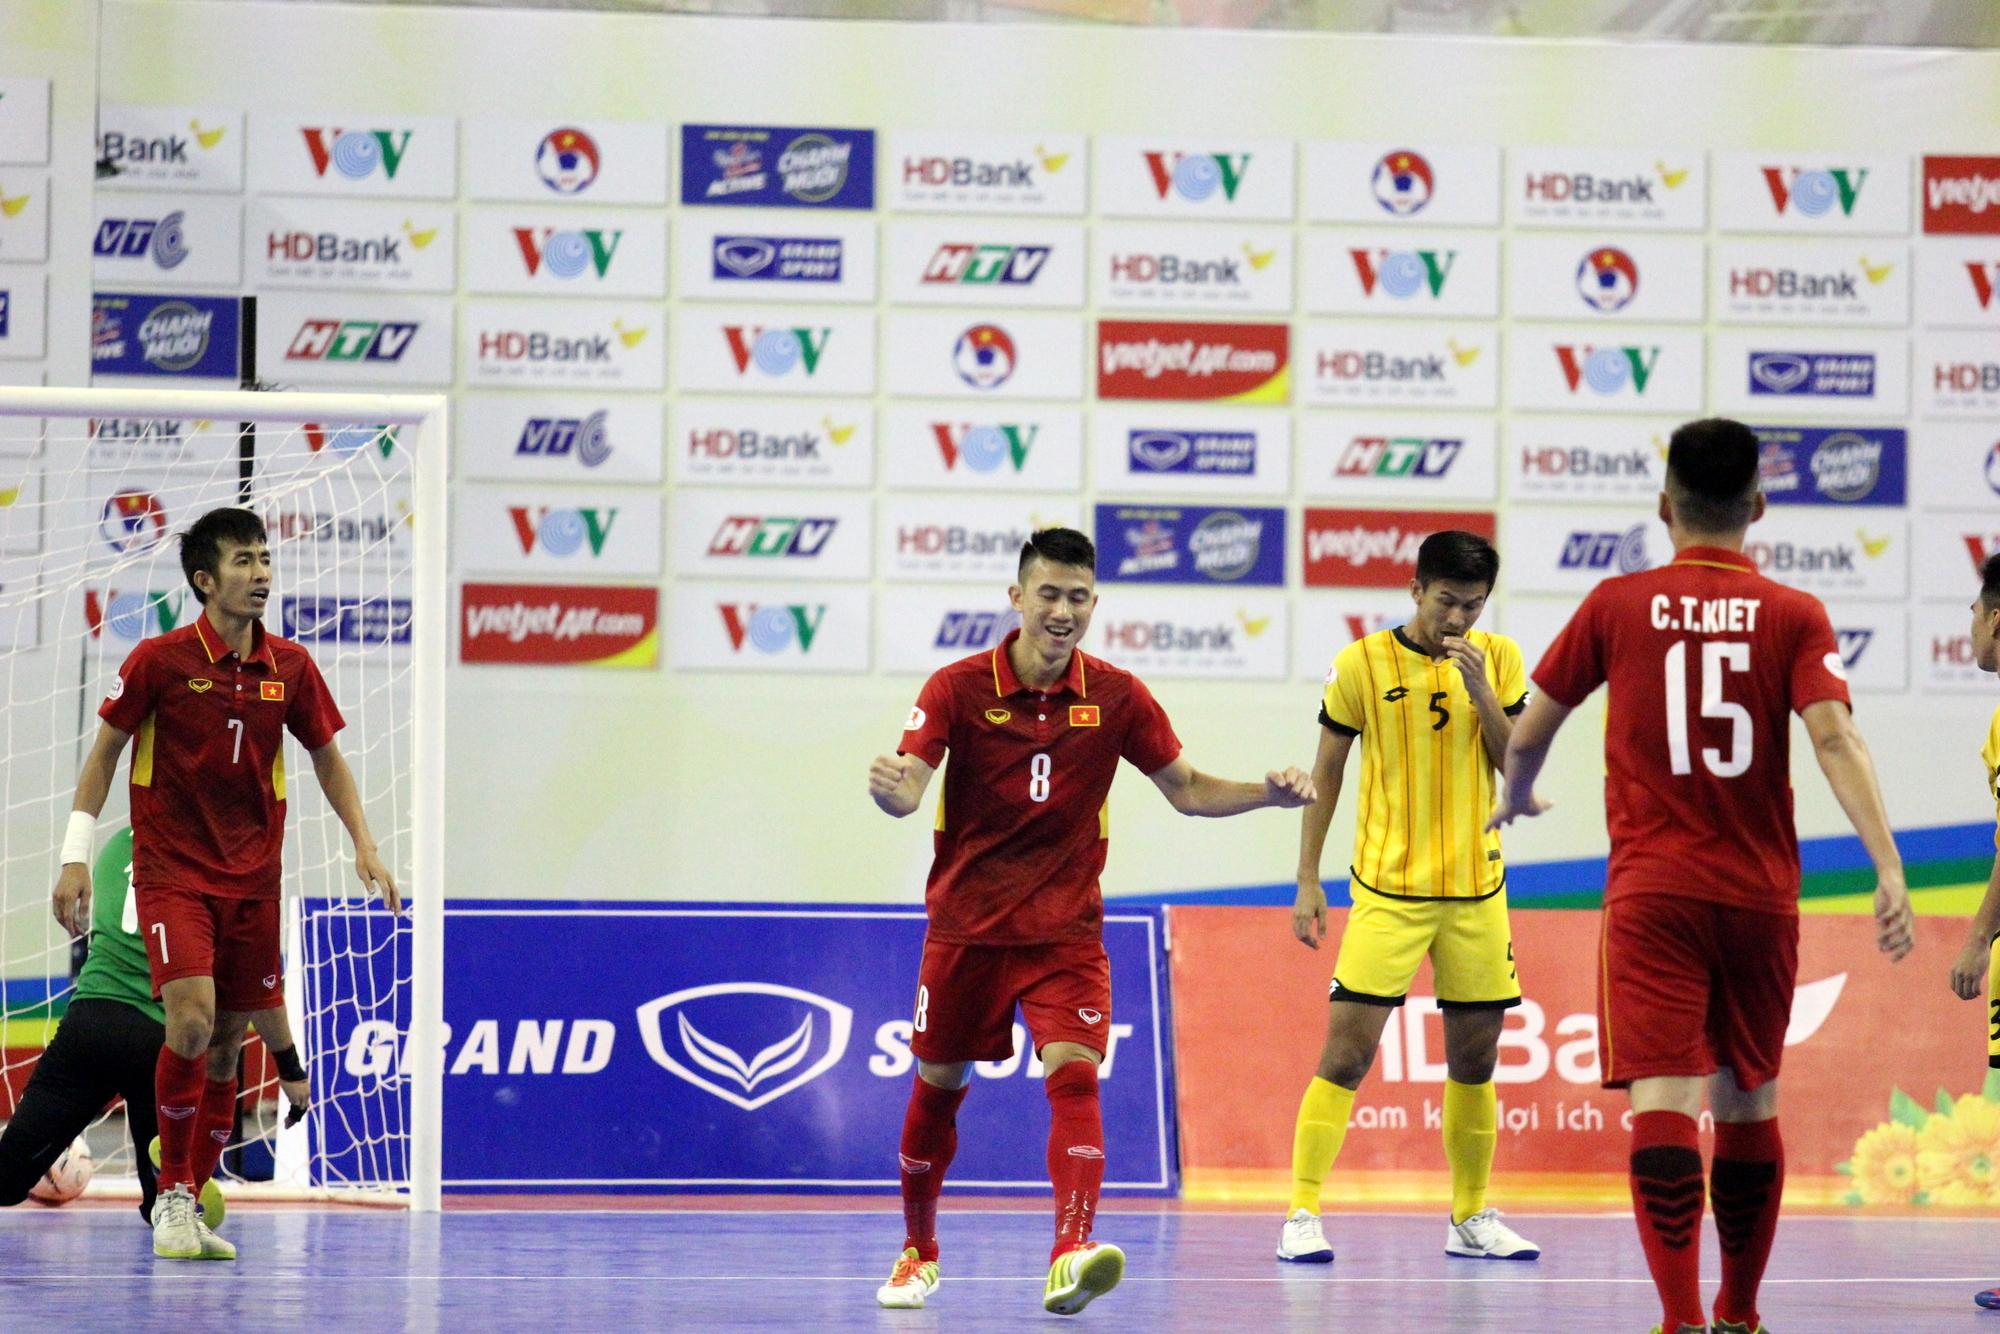 Đội tuyển futsal VN đã thắng đậm Brunei 18-0. Ảnh: HÀ KHÁNH